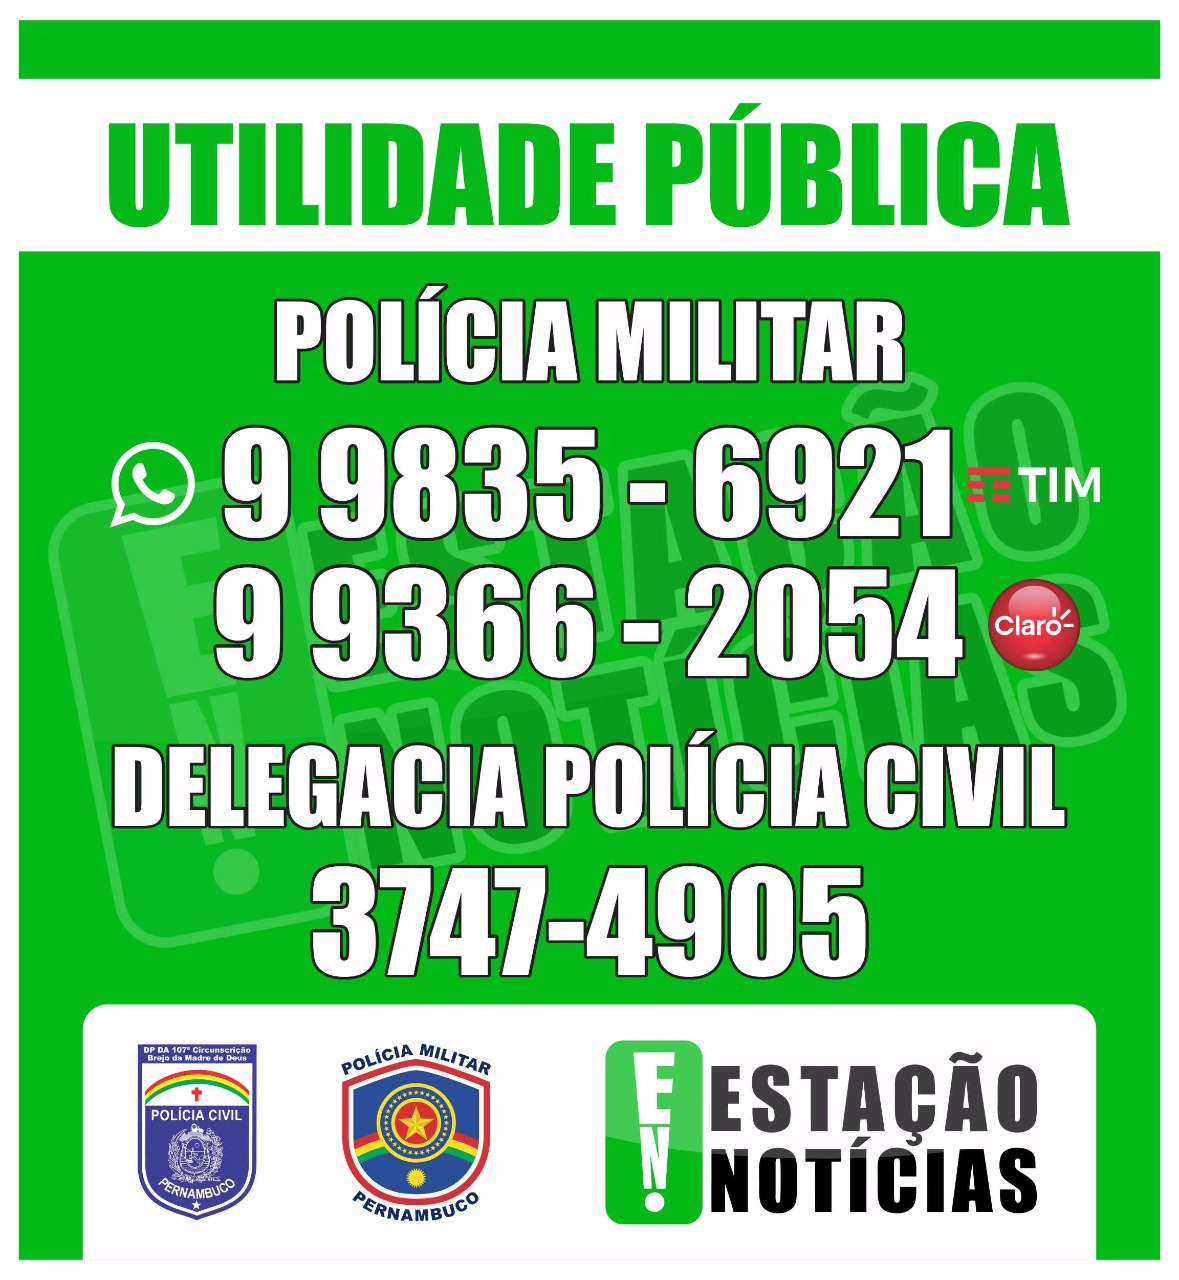 CONTATO DA POLÍCIA